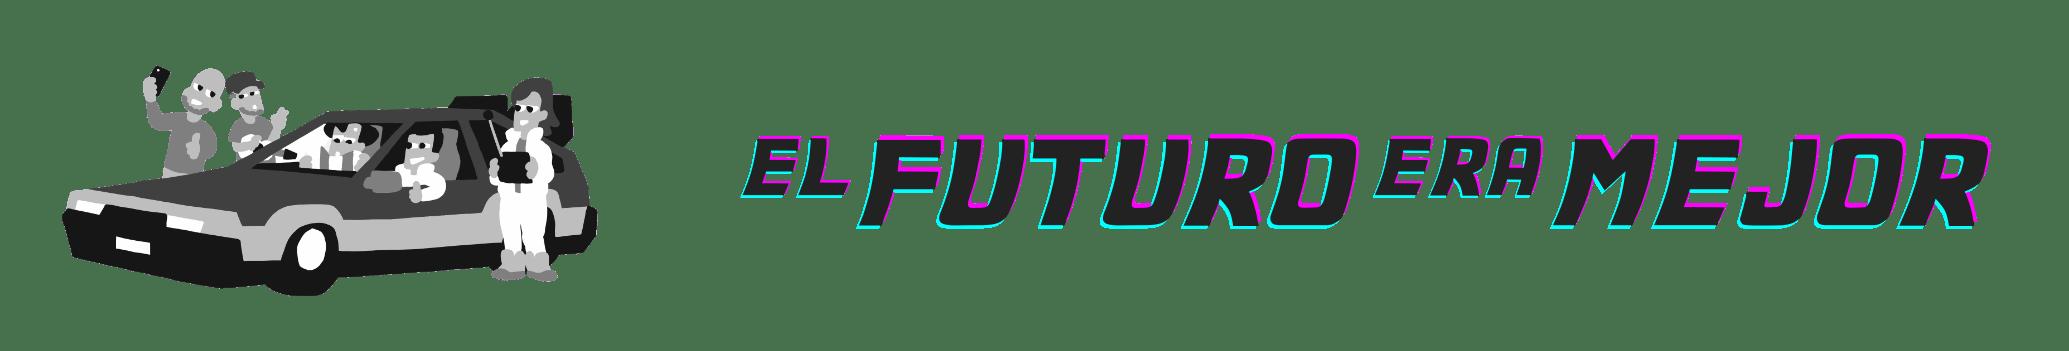 El futuro era mejor